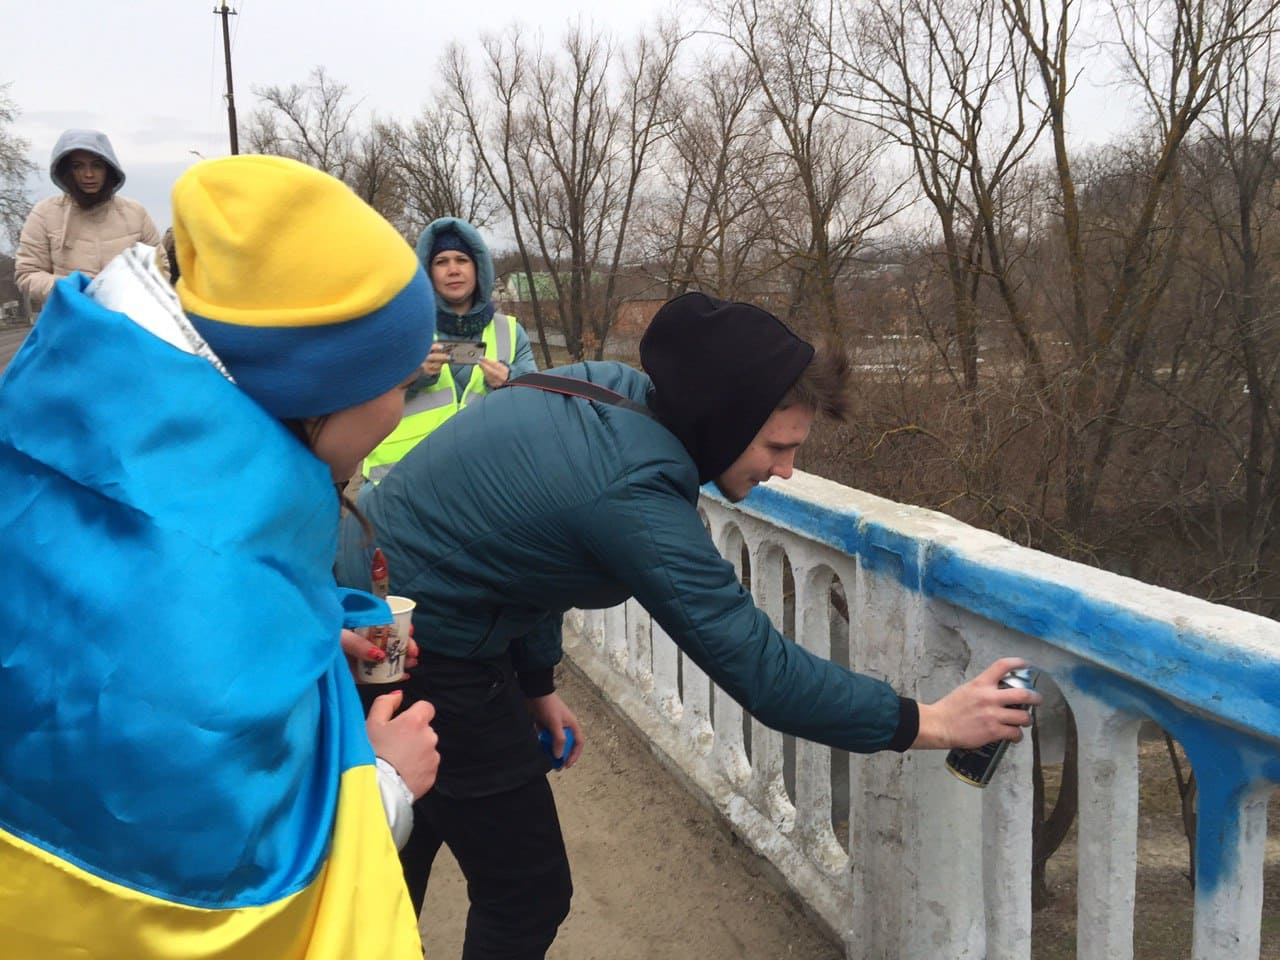 Харьков-Новые Санжары: автопробег активистов подошел к концу (фото, видео)